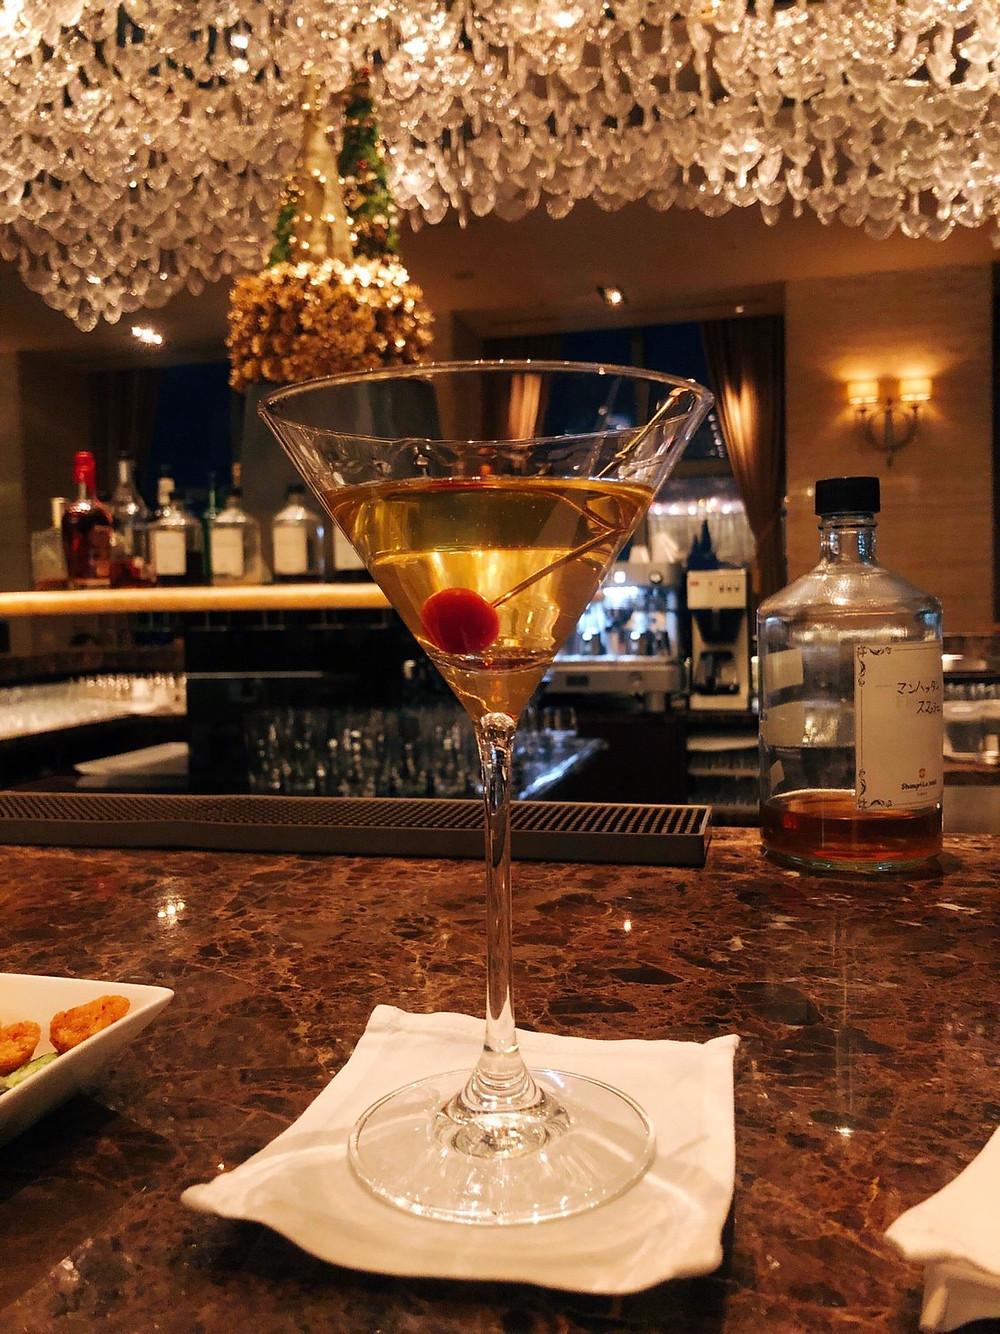 シャングリ・ラホテル東京のザ・ロビーラウンジでのカクテル、シャングリラマティーニ